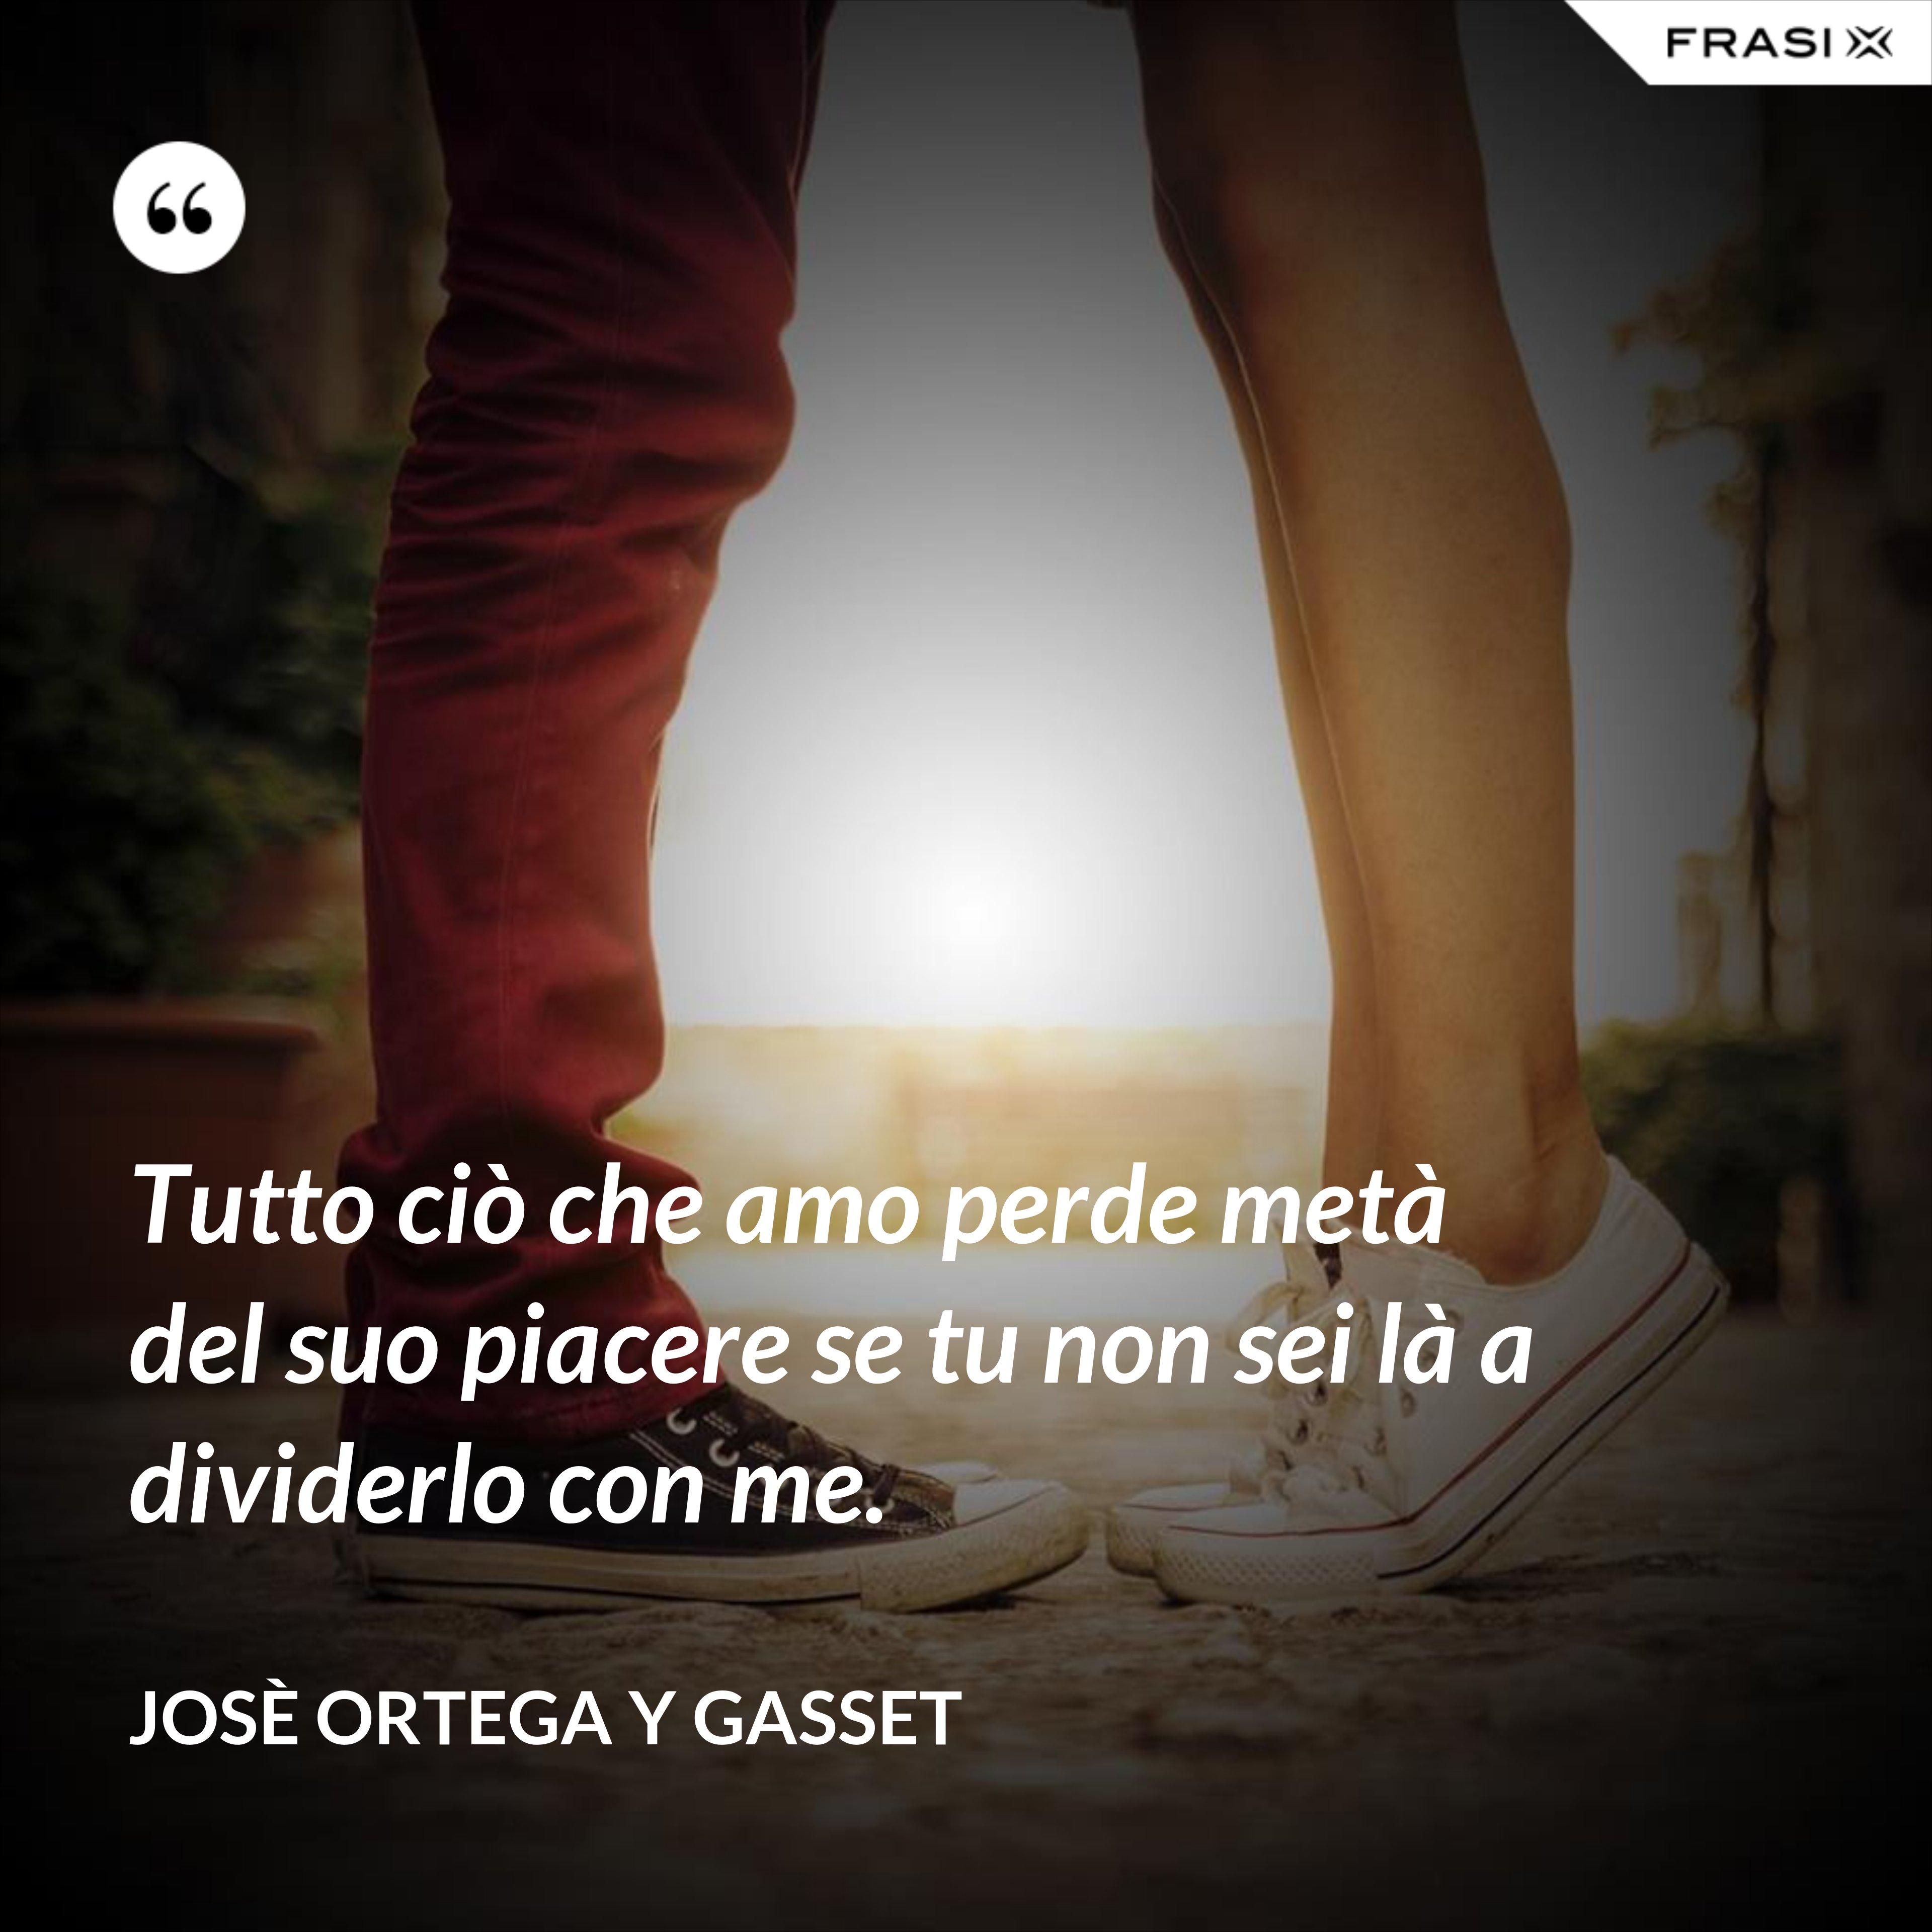 Tutto ciò che amo perde metà del suo piacere se tu non sei là a dividerlo con me. - Josè Ortega y Gasset